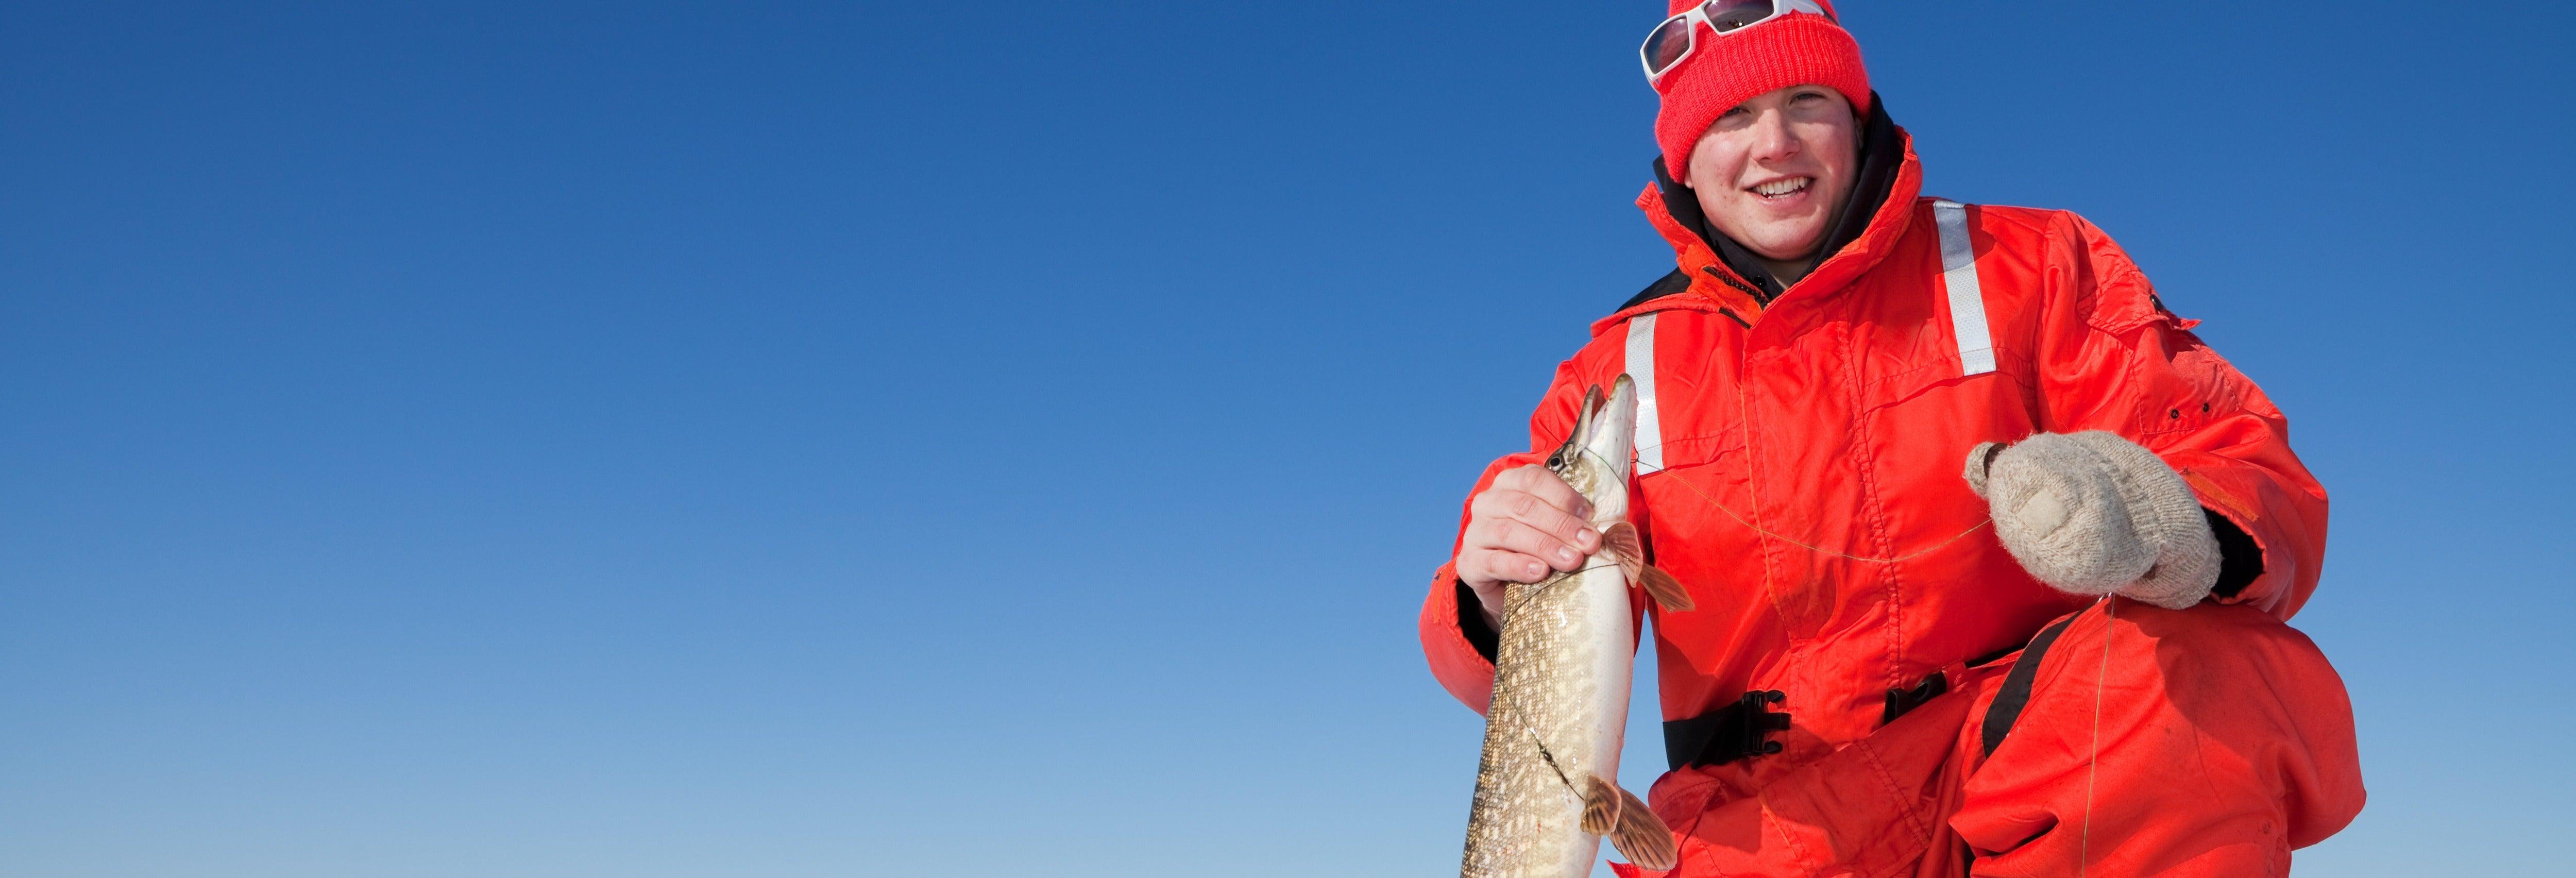 Pesca no gelo em Fairbanks